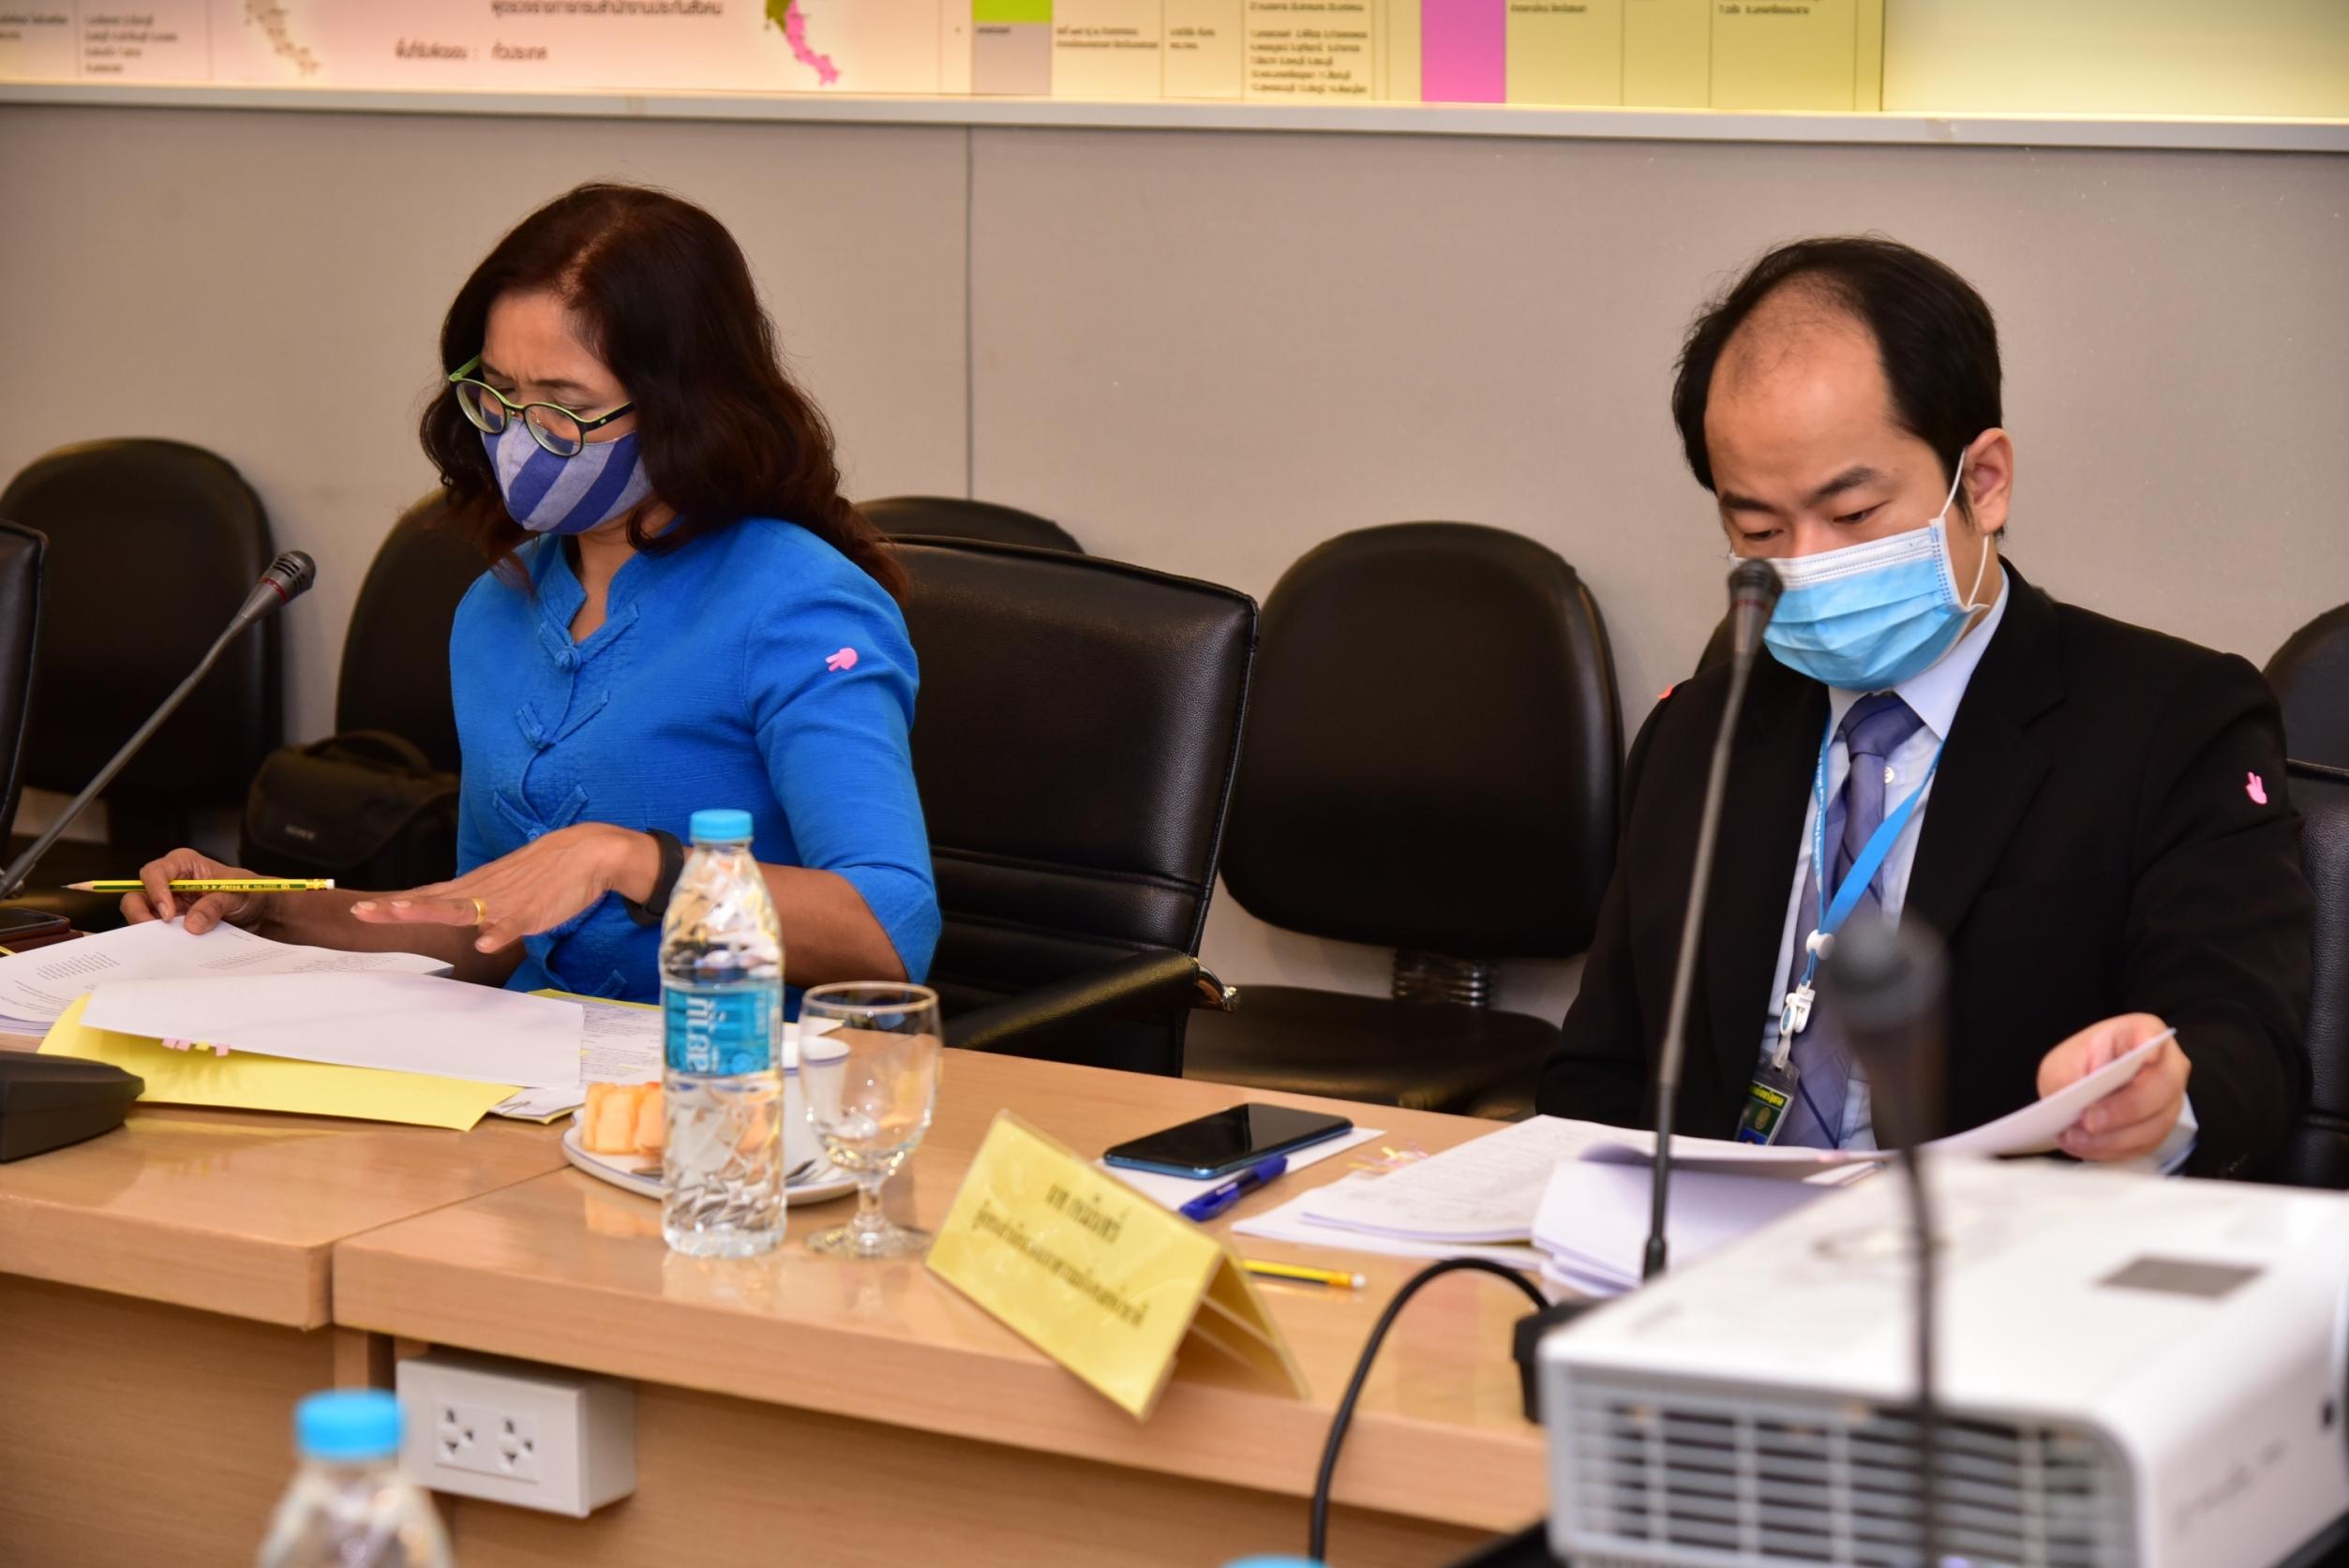 การประชุมคณะอนุกรรมการติดตามและประเมินผลการดำเนินงานและผลการใช้จ่ายเงินกองทุนฯ ครั้งที่ 1/2563